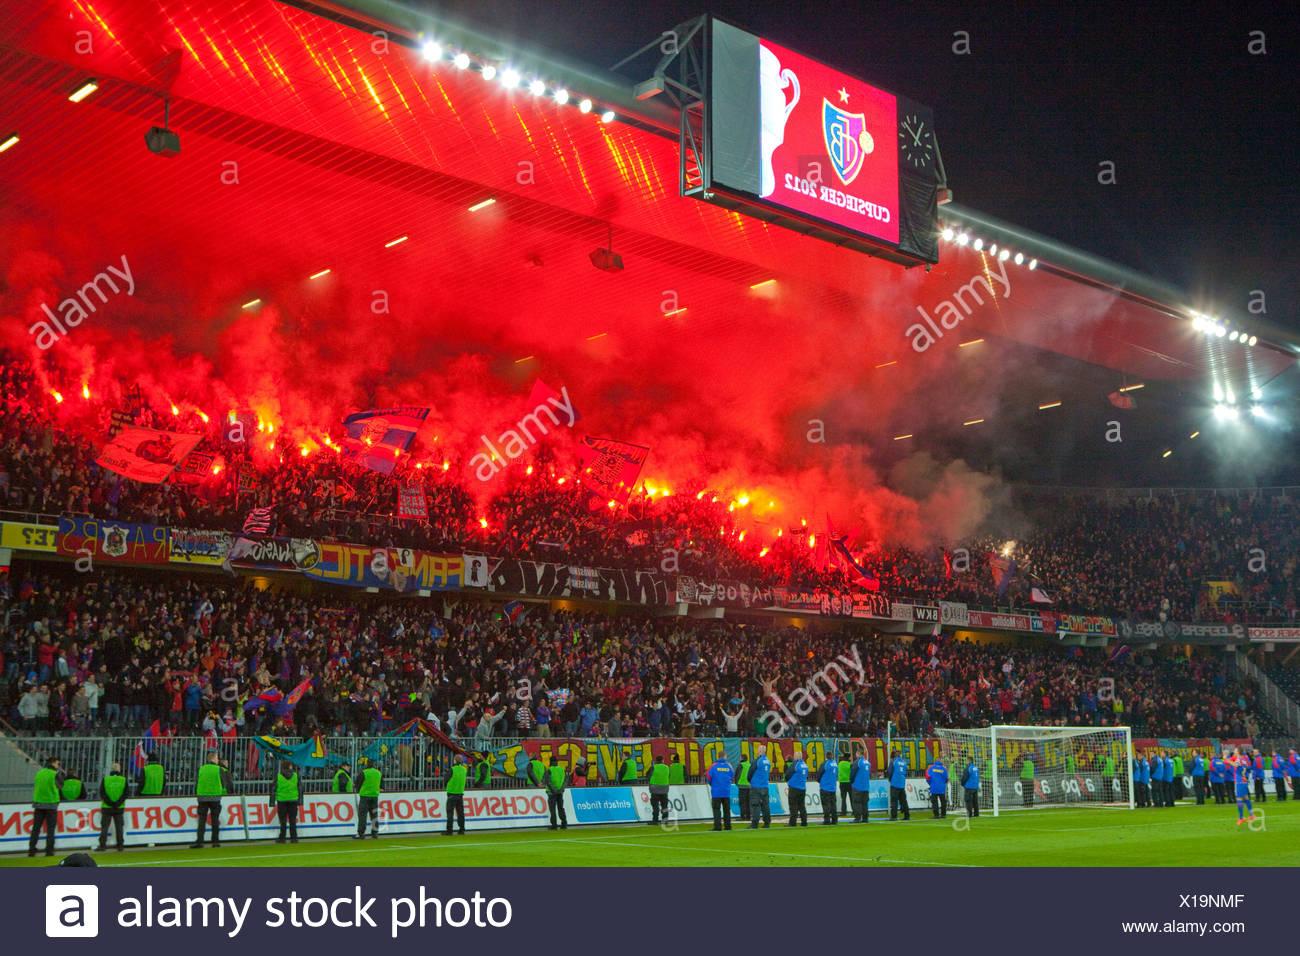 Fuochi d'artificio, Stade de Suisse, stadio Cup-finale, Canton Berna, disposizione, football, calcio, spettatore, fumo, ventole, Svizzera Immagini Stock